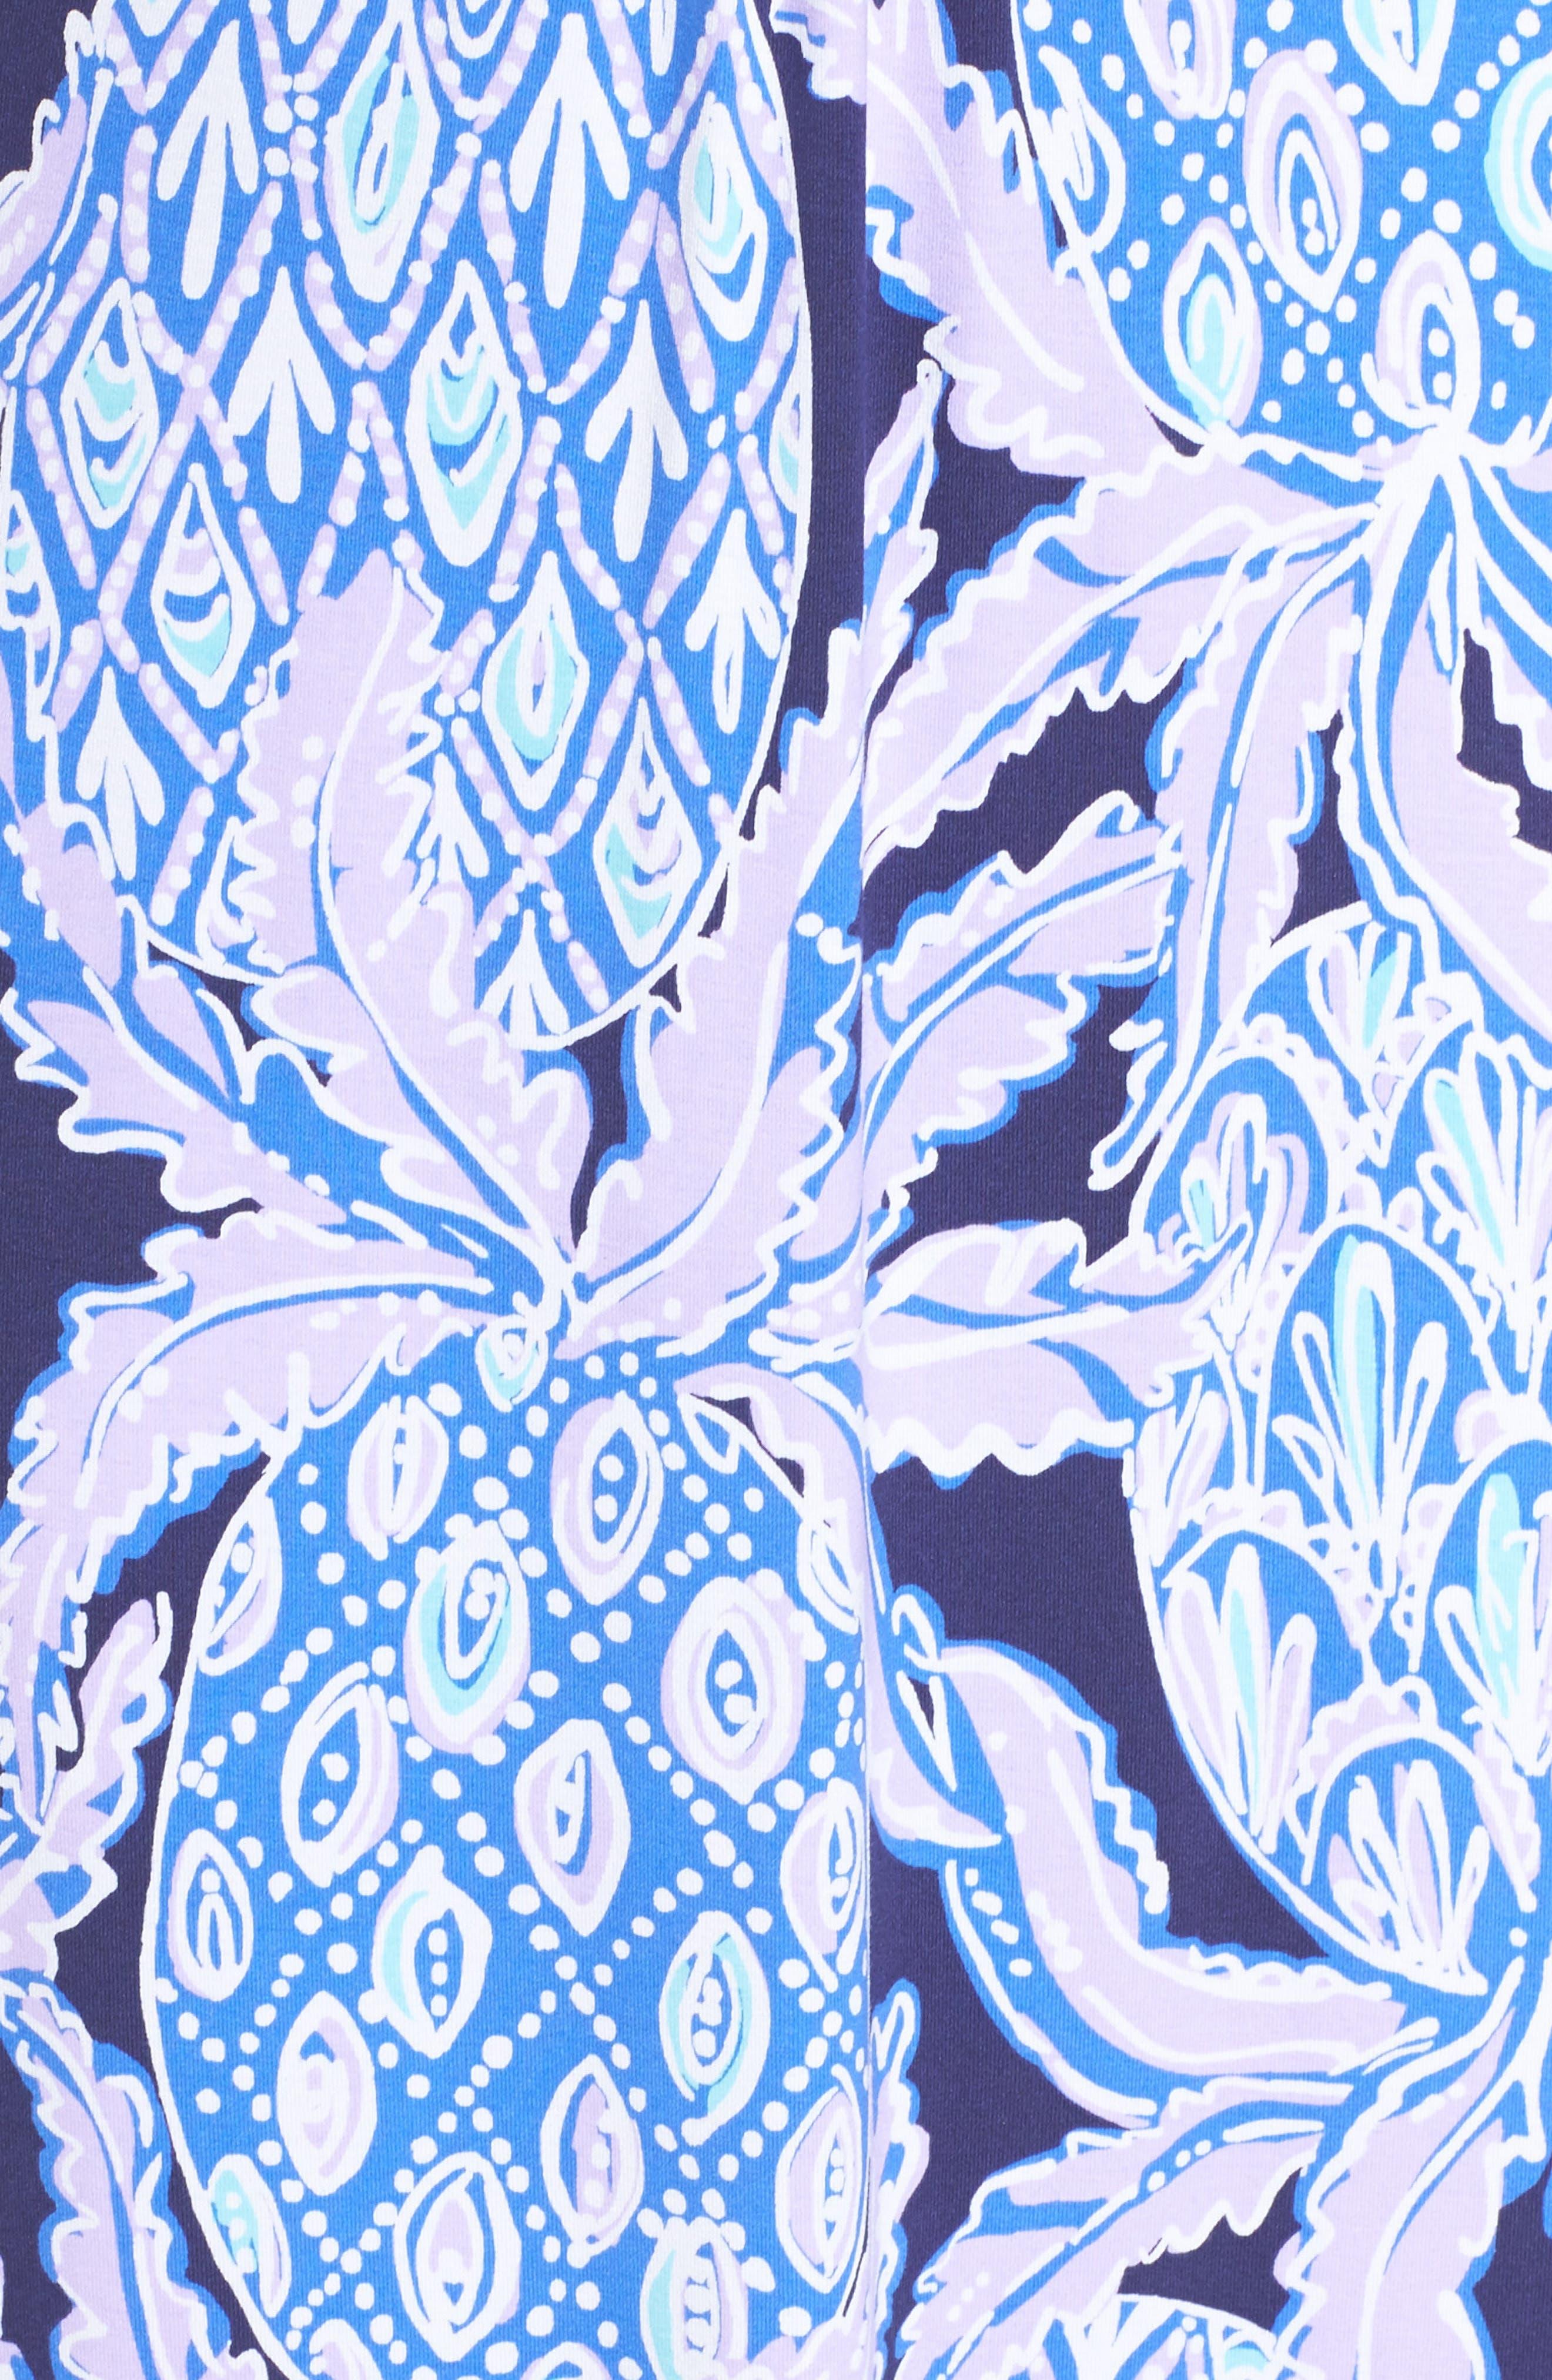 Parigi Maxi Dress,                             Alternate thumbnail 5, color,                             Lilac Verbena Coco Safari